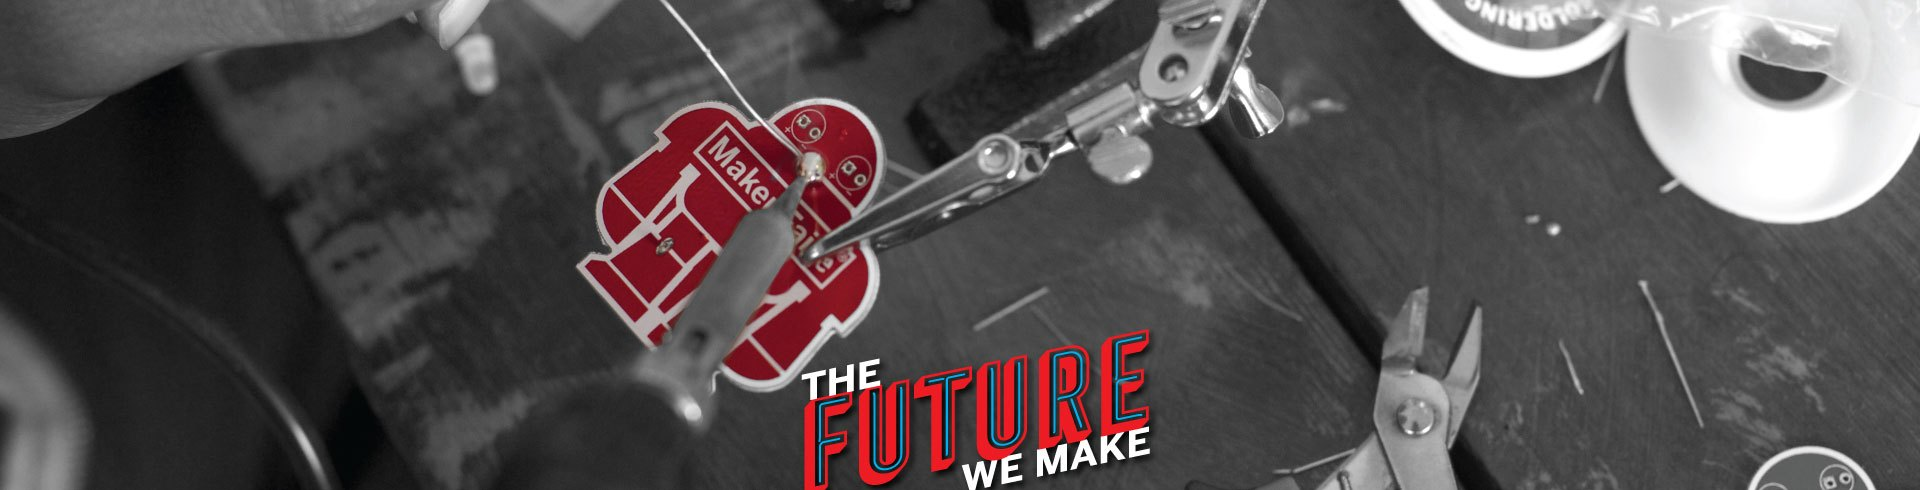 Hands-On Workshops Take Over Maker Faire Bay Area